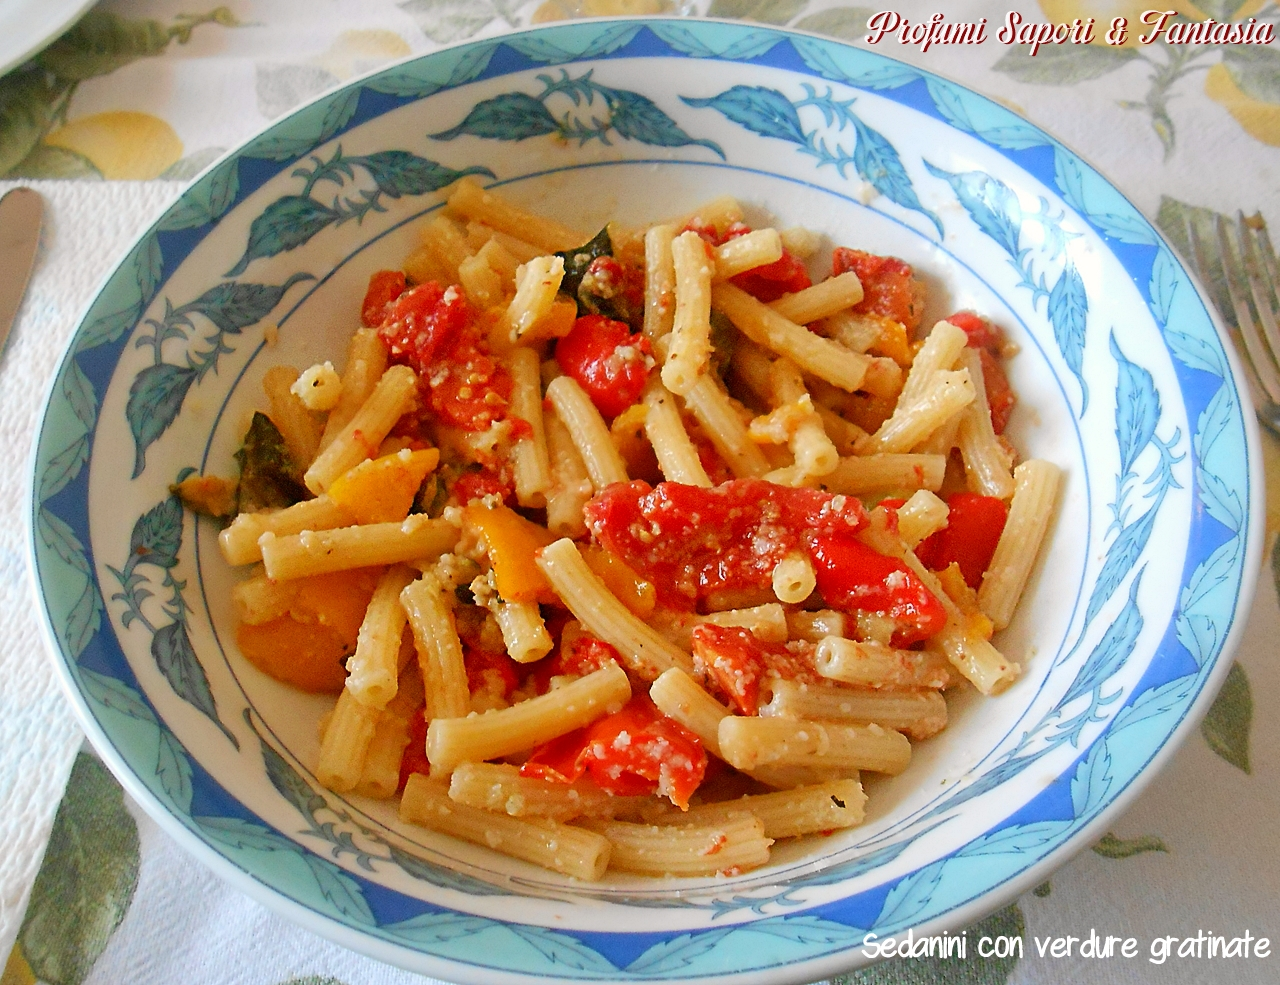 Sedanini con verdure gratinate